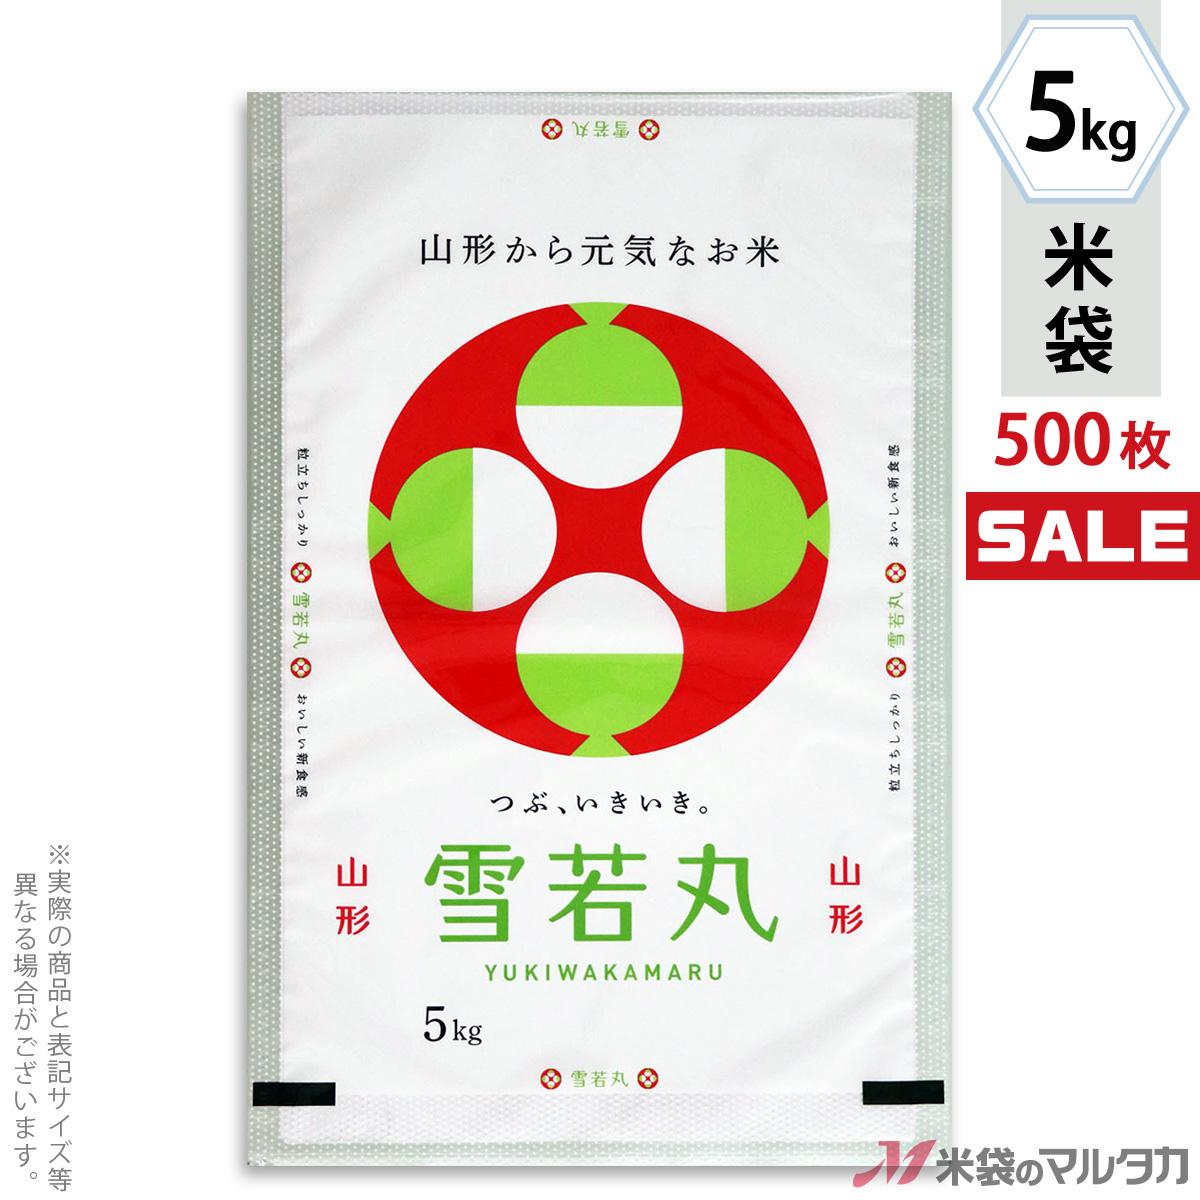 <キャンペーン対応>米袋 ラミ ネオブレス 山形産 雪若丸-7 5kg 1ケース(500枚入) AN-0004